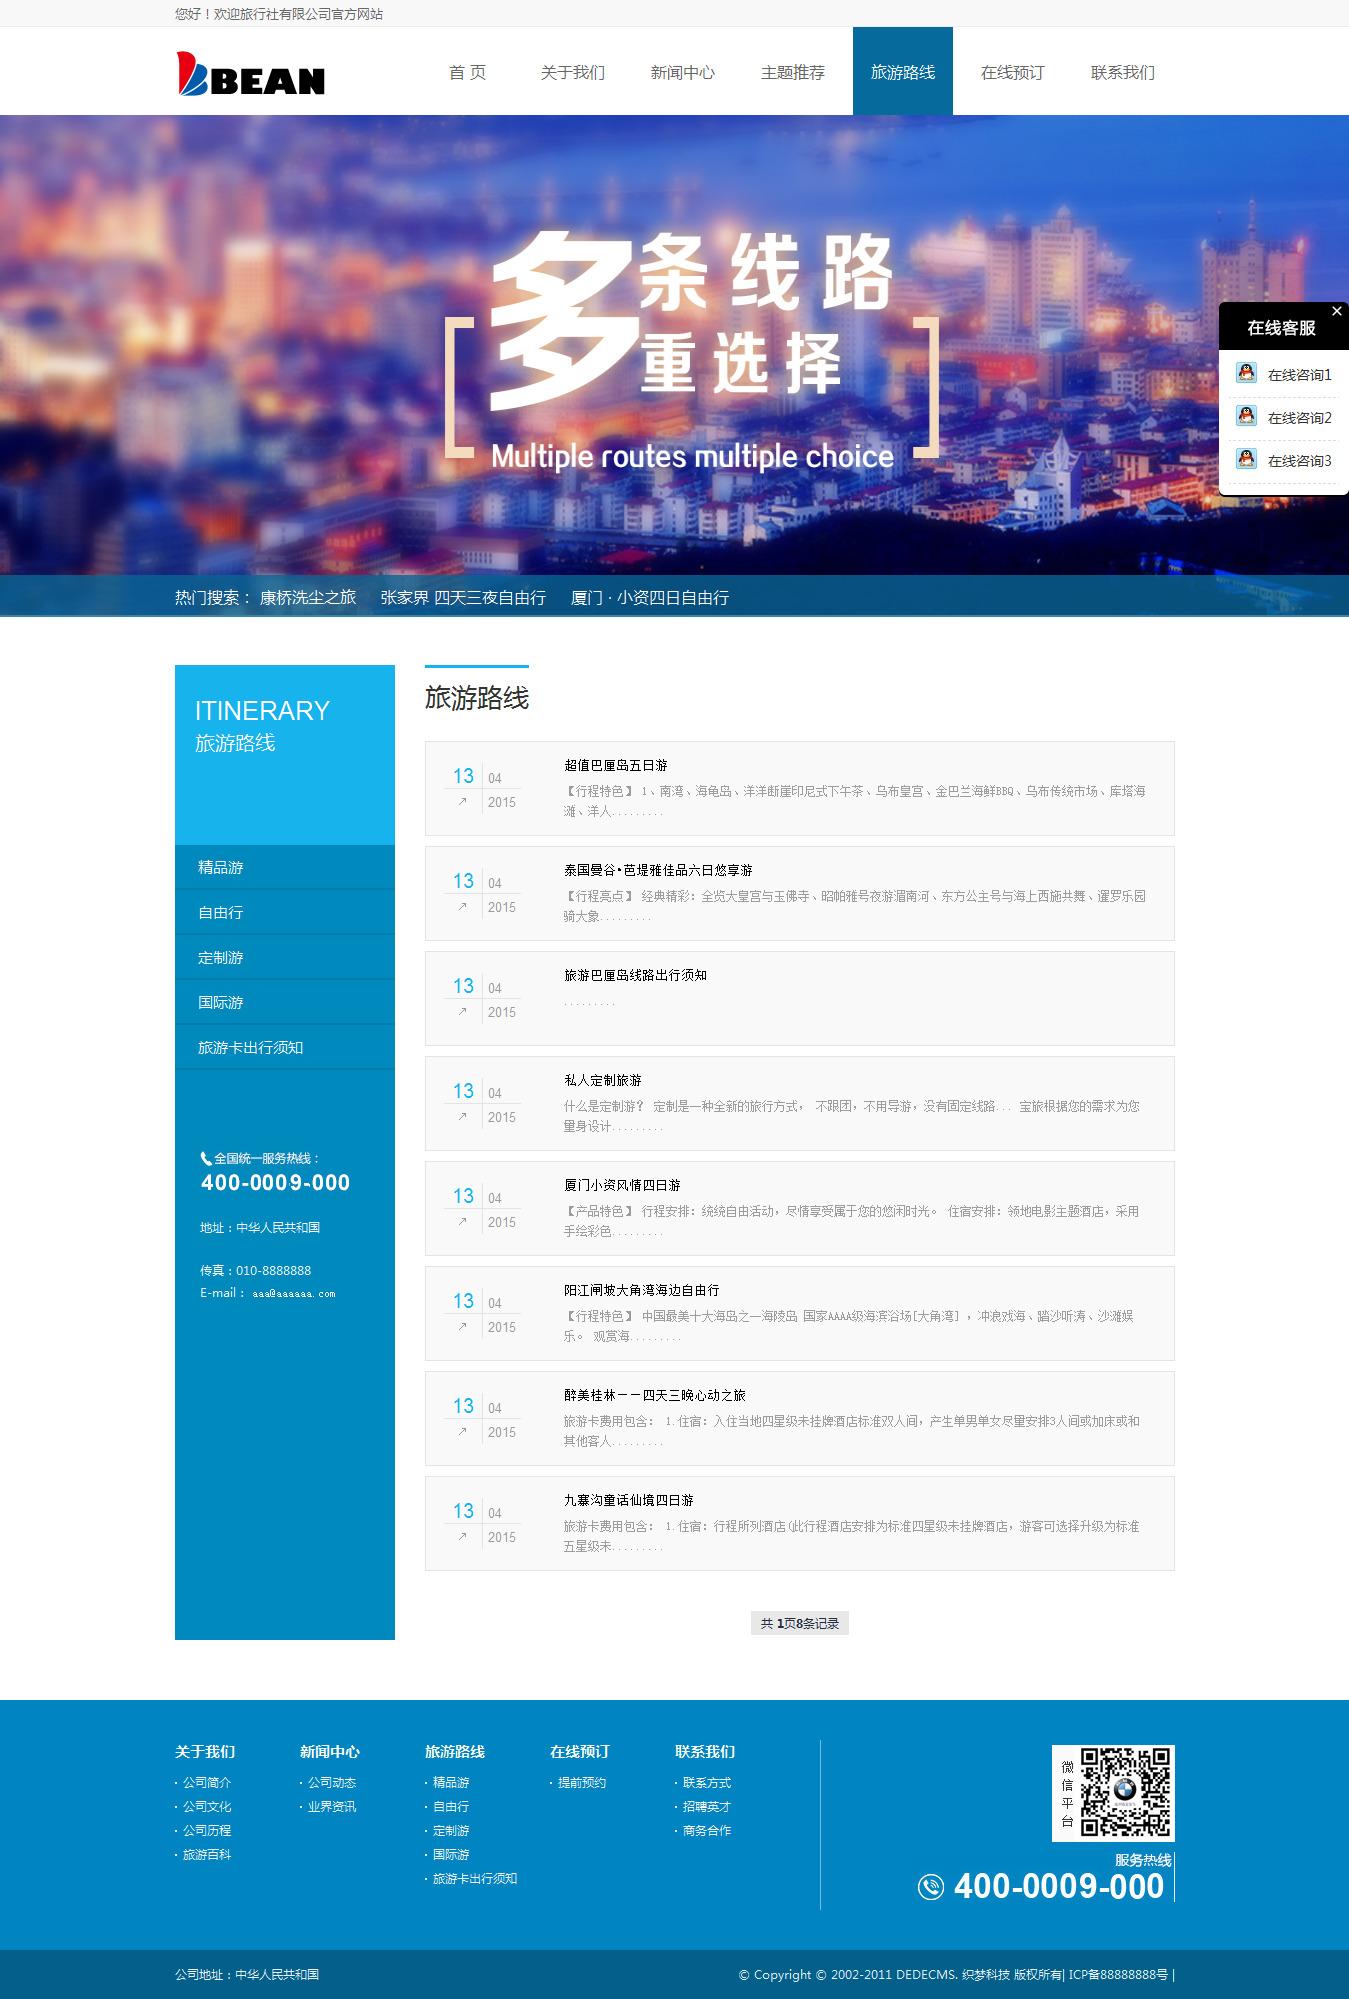 织梦dedecms蓝色旅游网站/旅行社企业模板